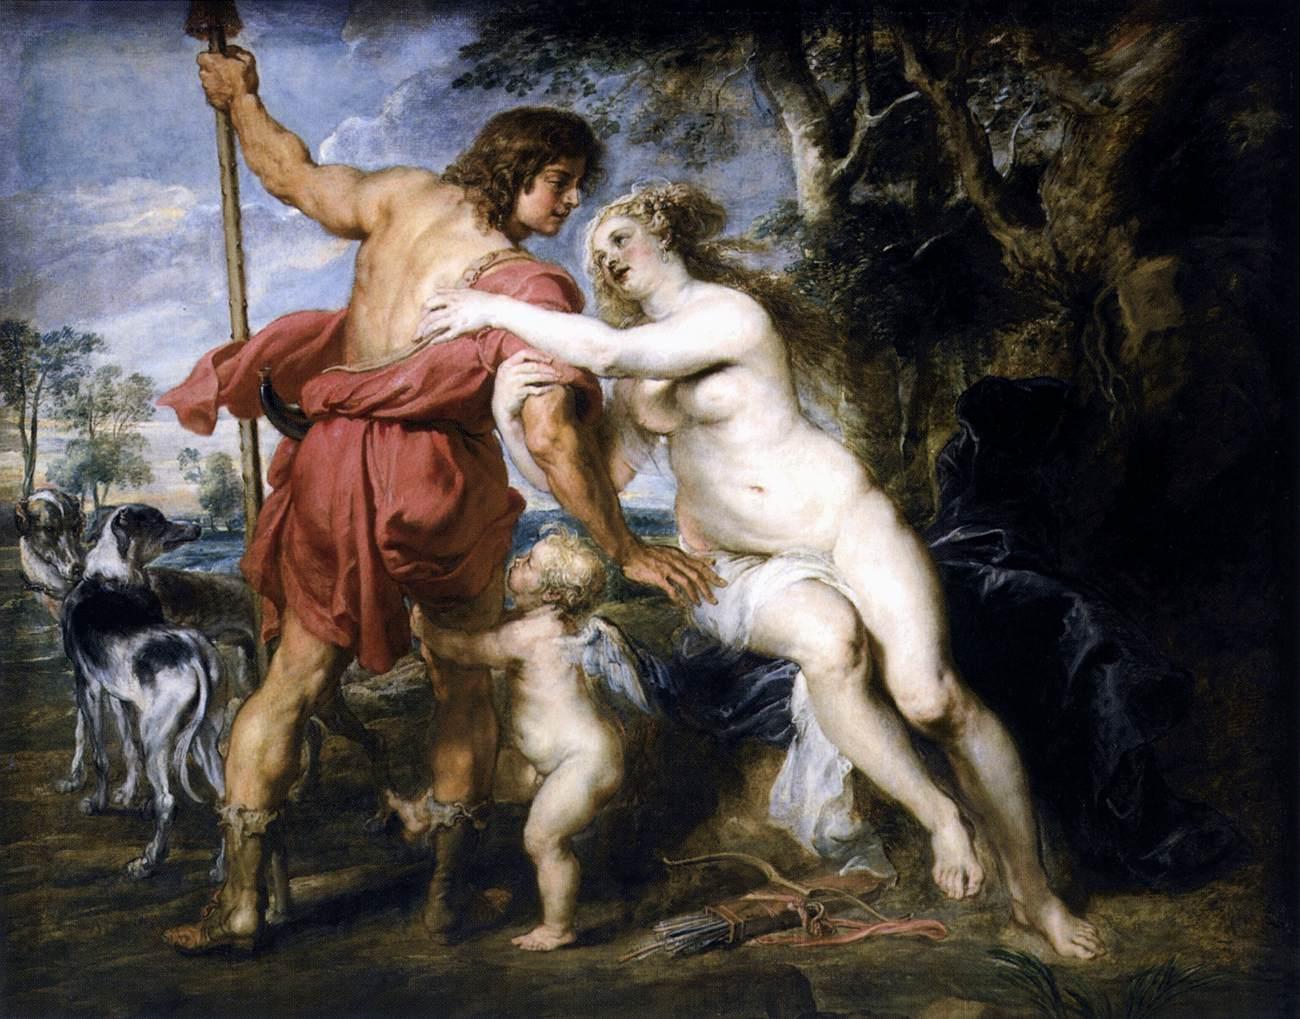 http://uploads4.wikipaintings.org/images/peter-paul-rubens/venus-und-adonis.jpg